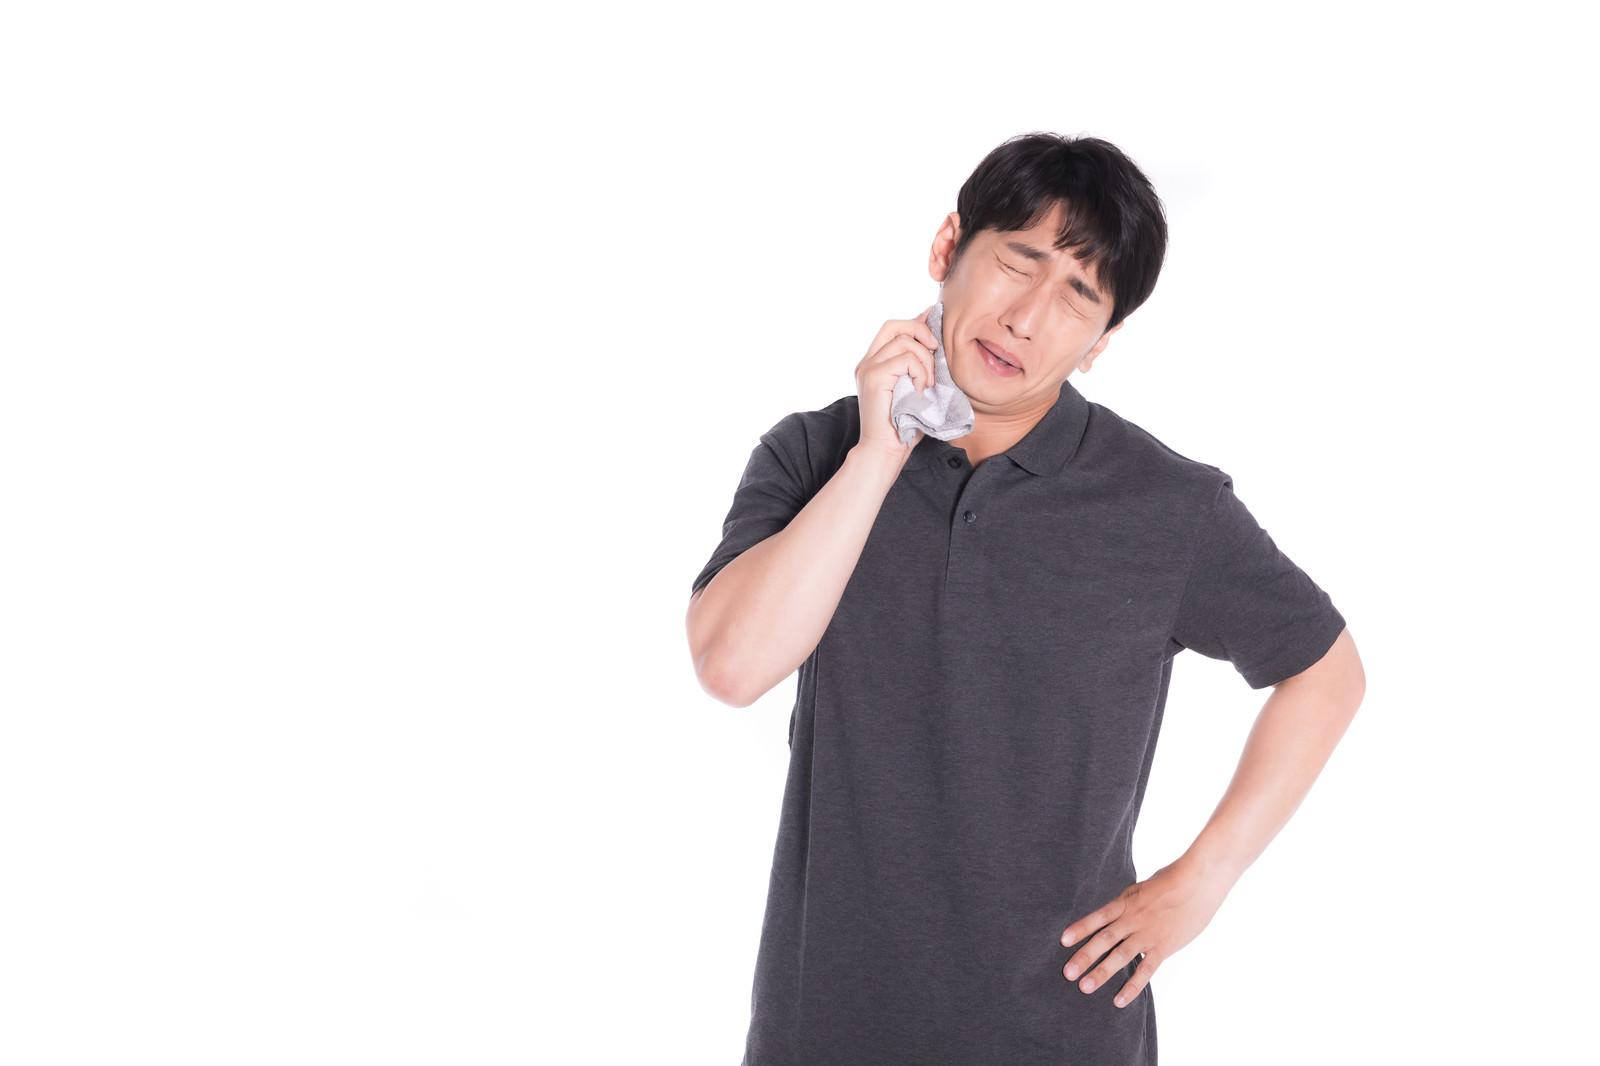 「ハンカチで汗を拭く男性 | ぱくたそフリー素材」の写真[モデル:大川竜弥]